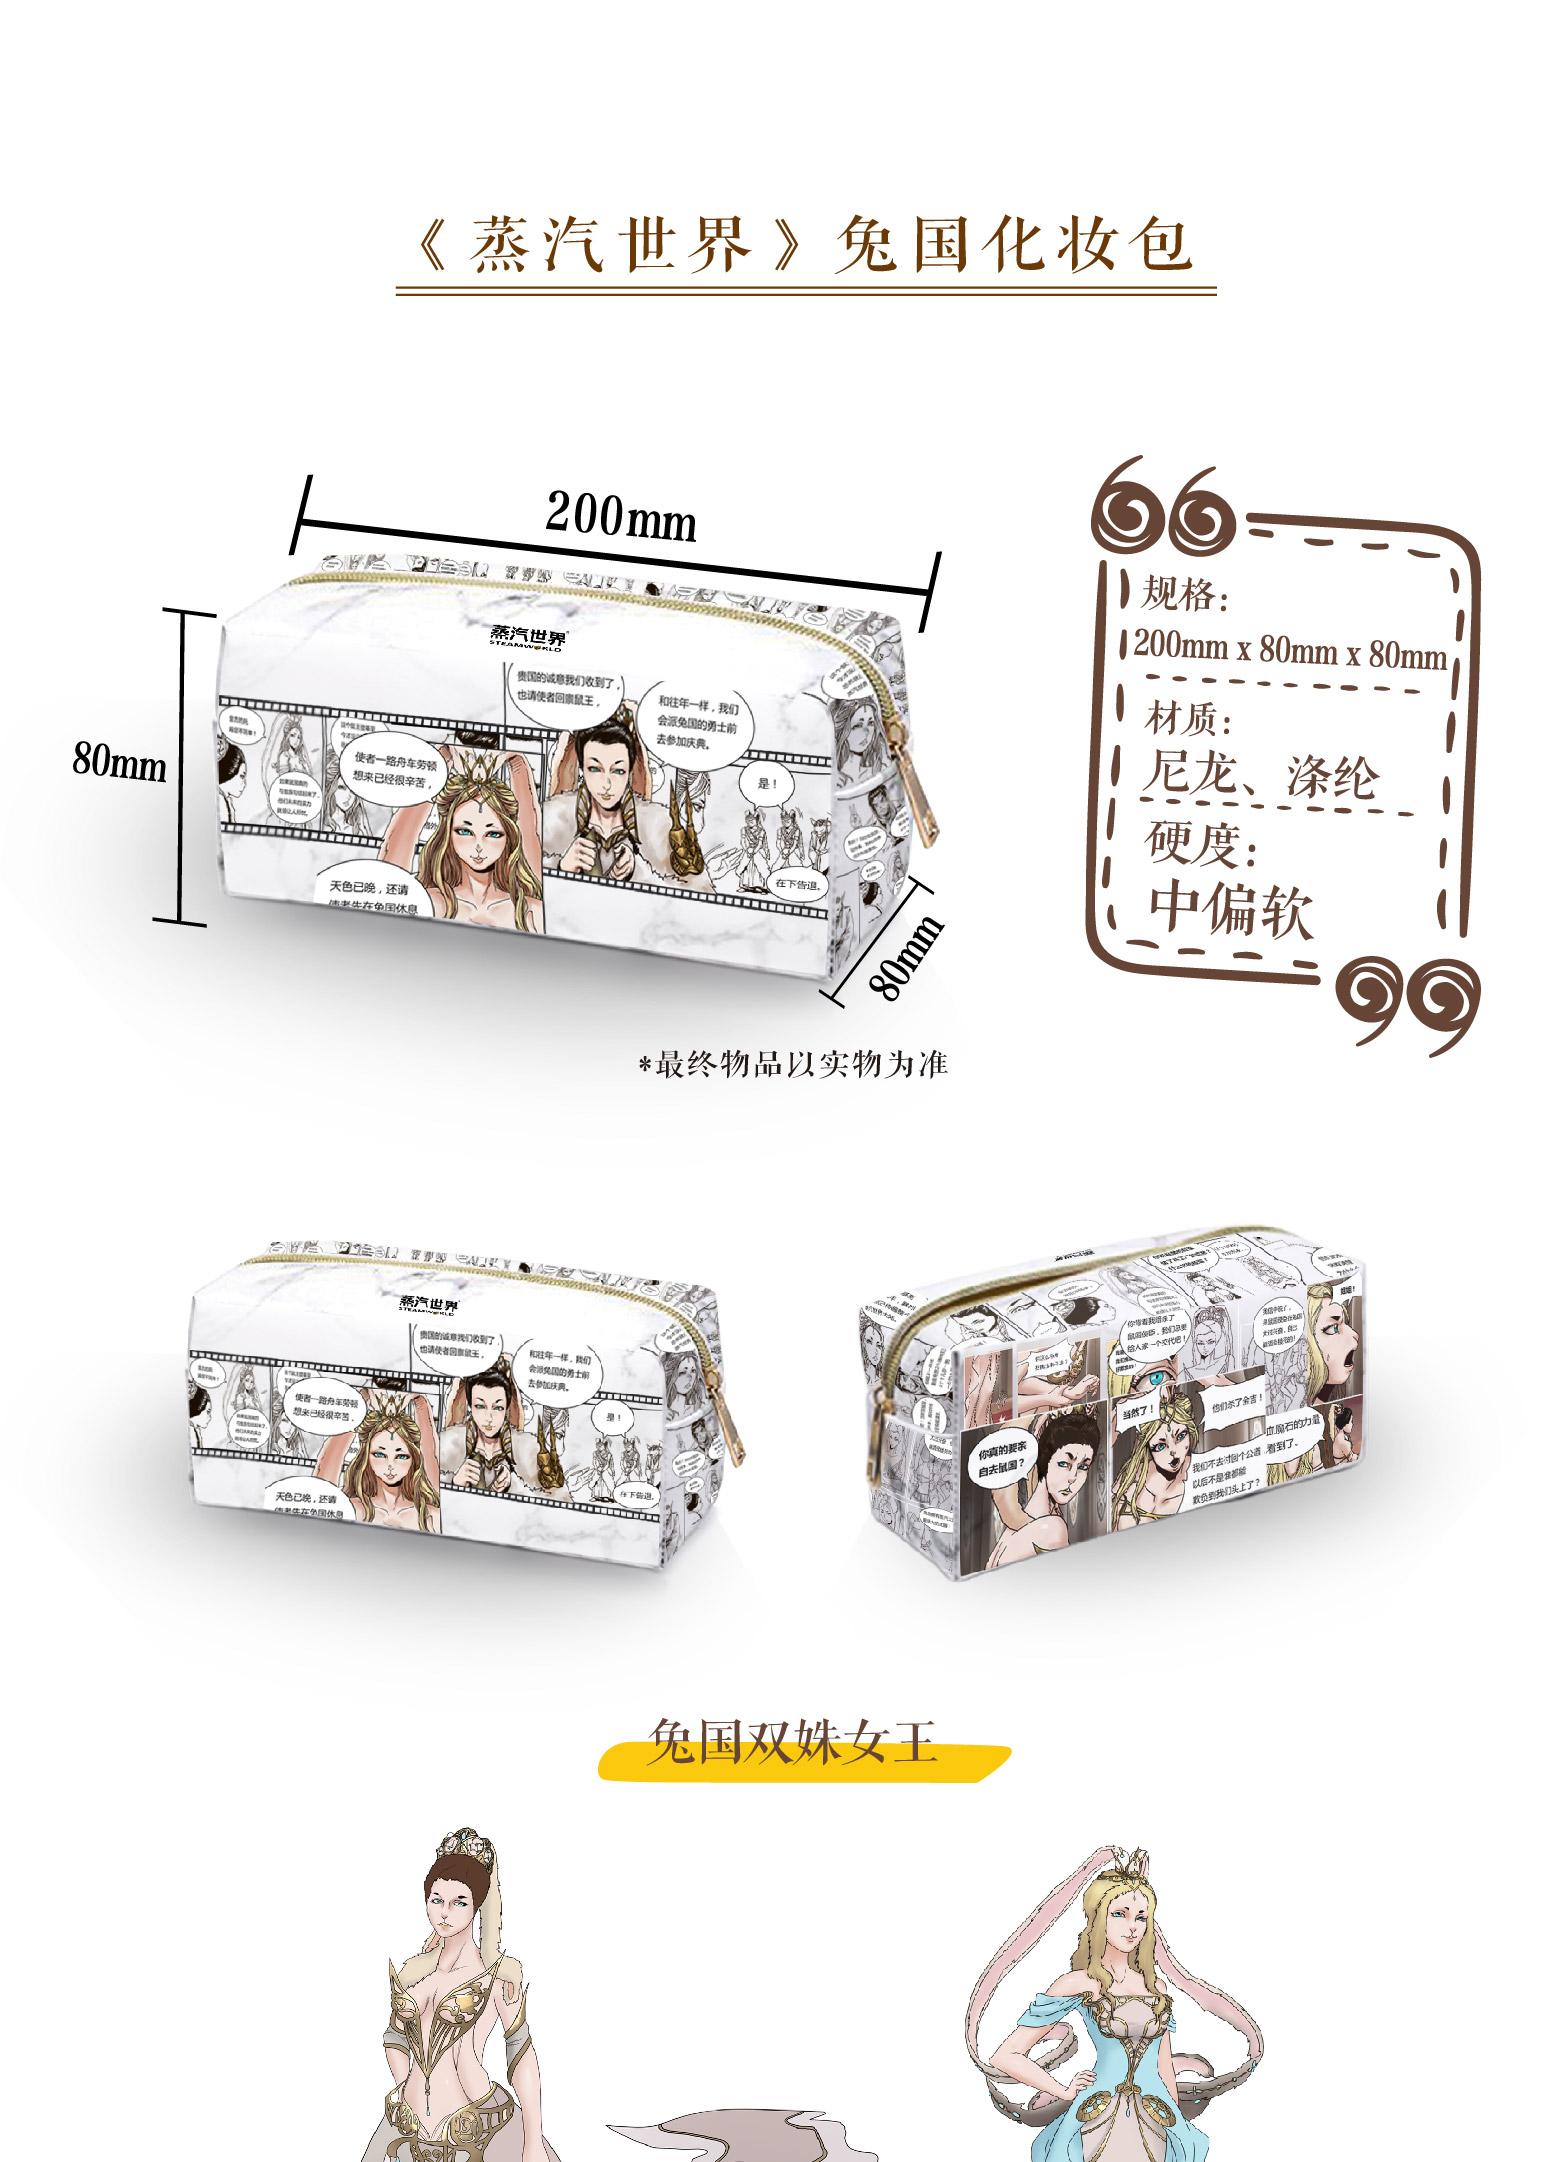 产品介绍-化妆包-01.jpg